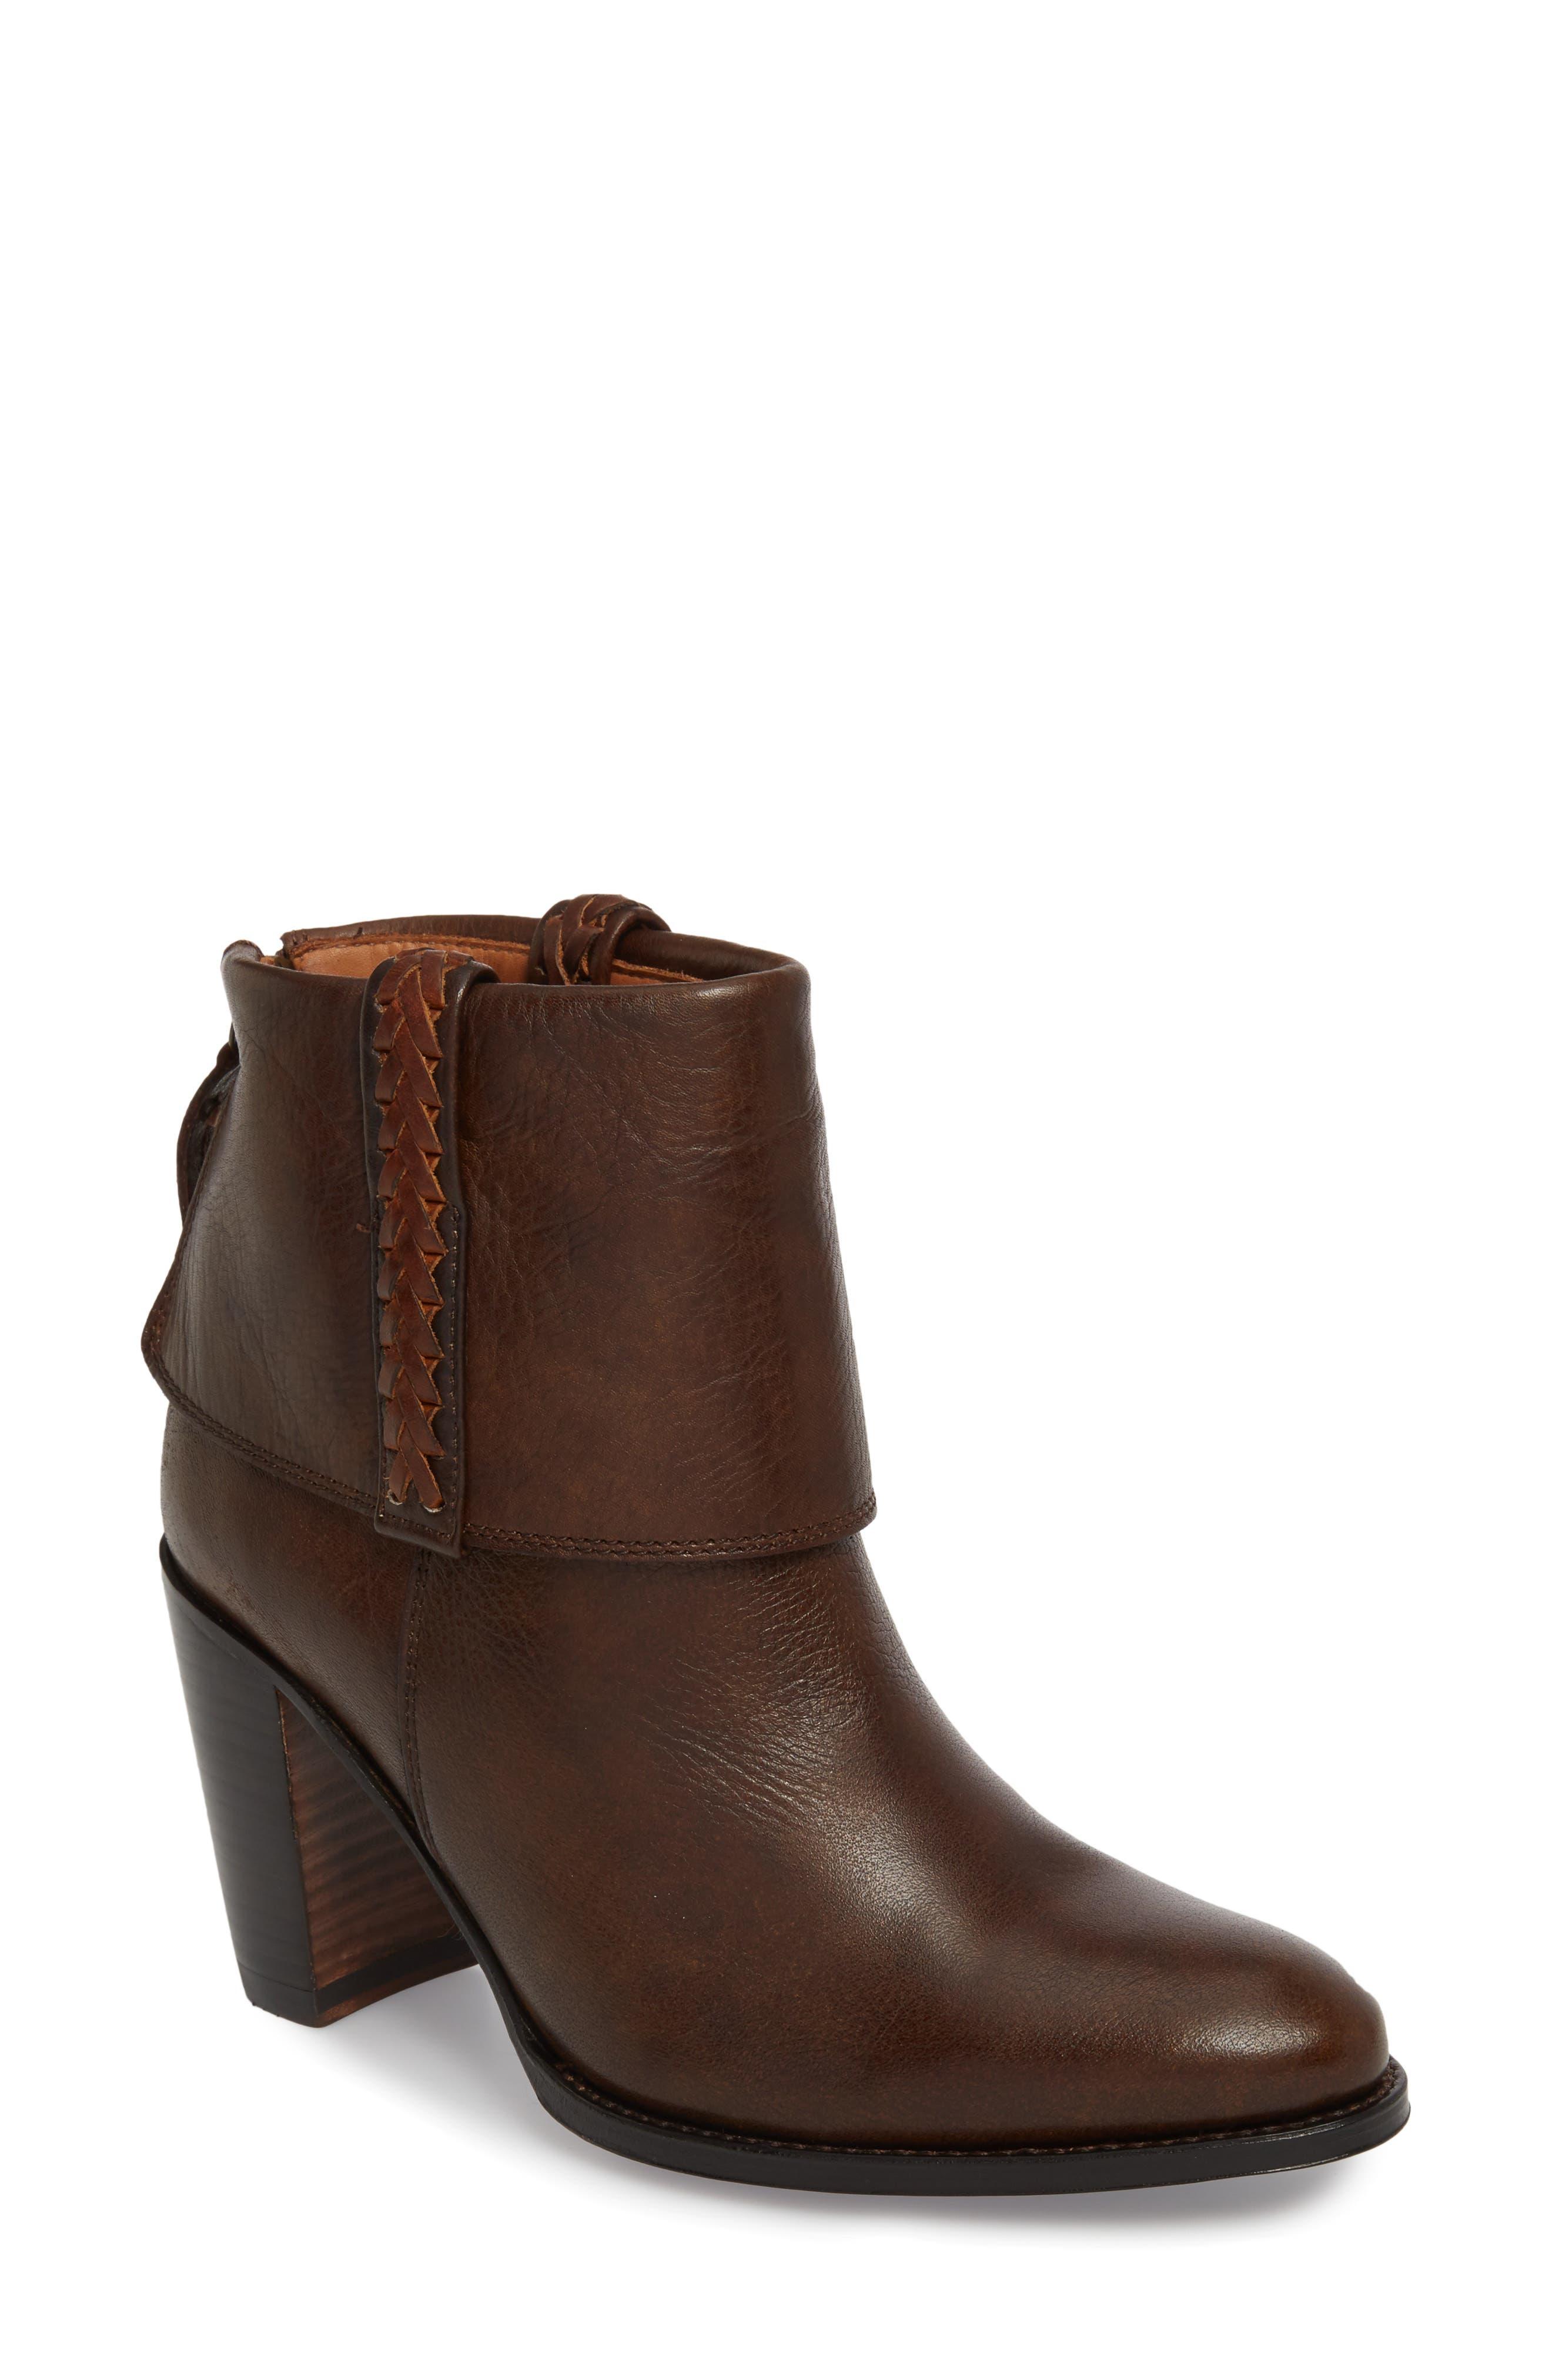 Suances Bootie,                         Main,                         color, Cognac Leather